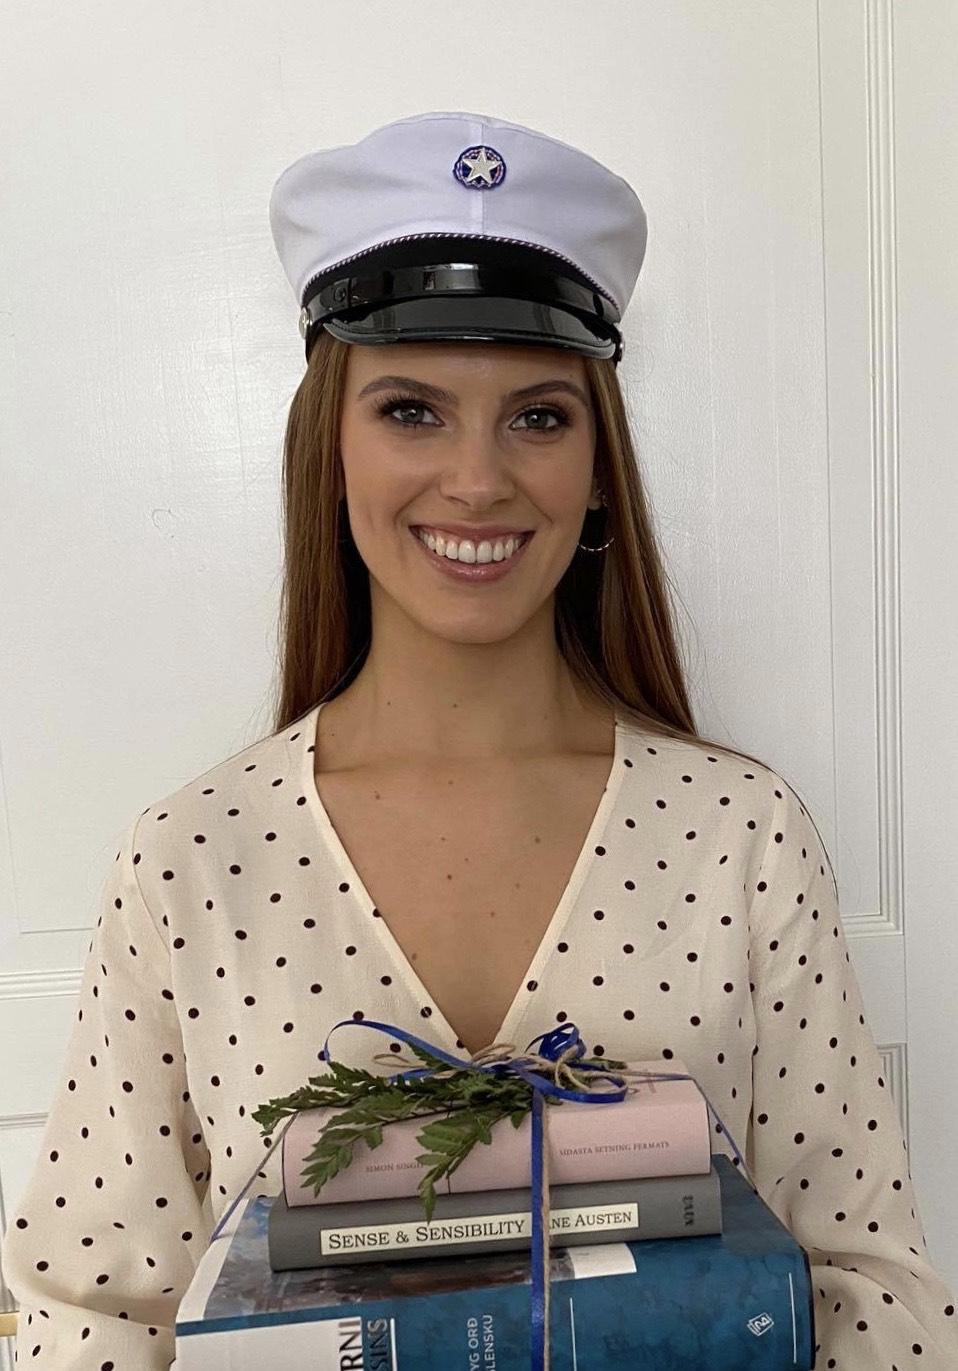 Sylvía Sara Ólafsdóttir